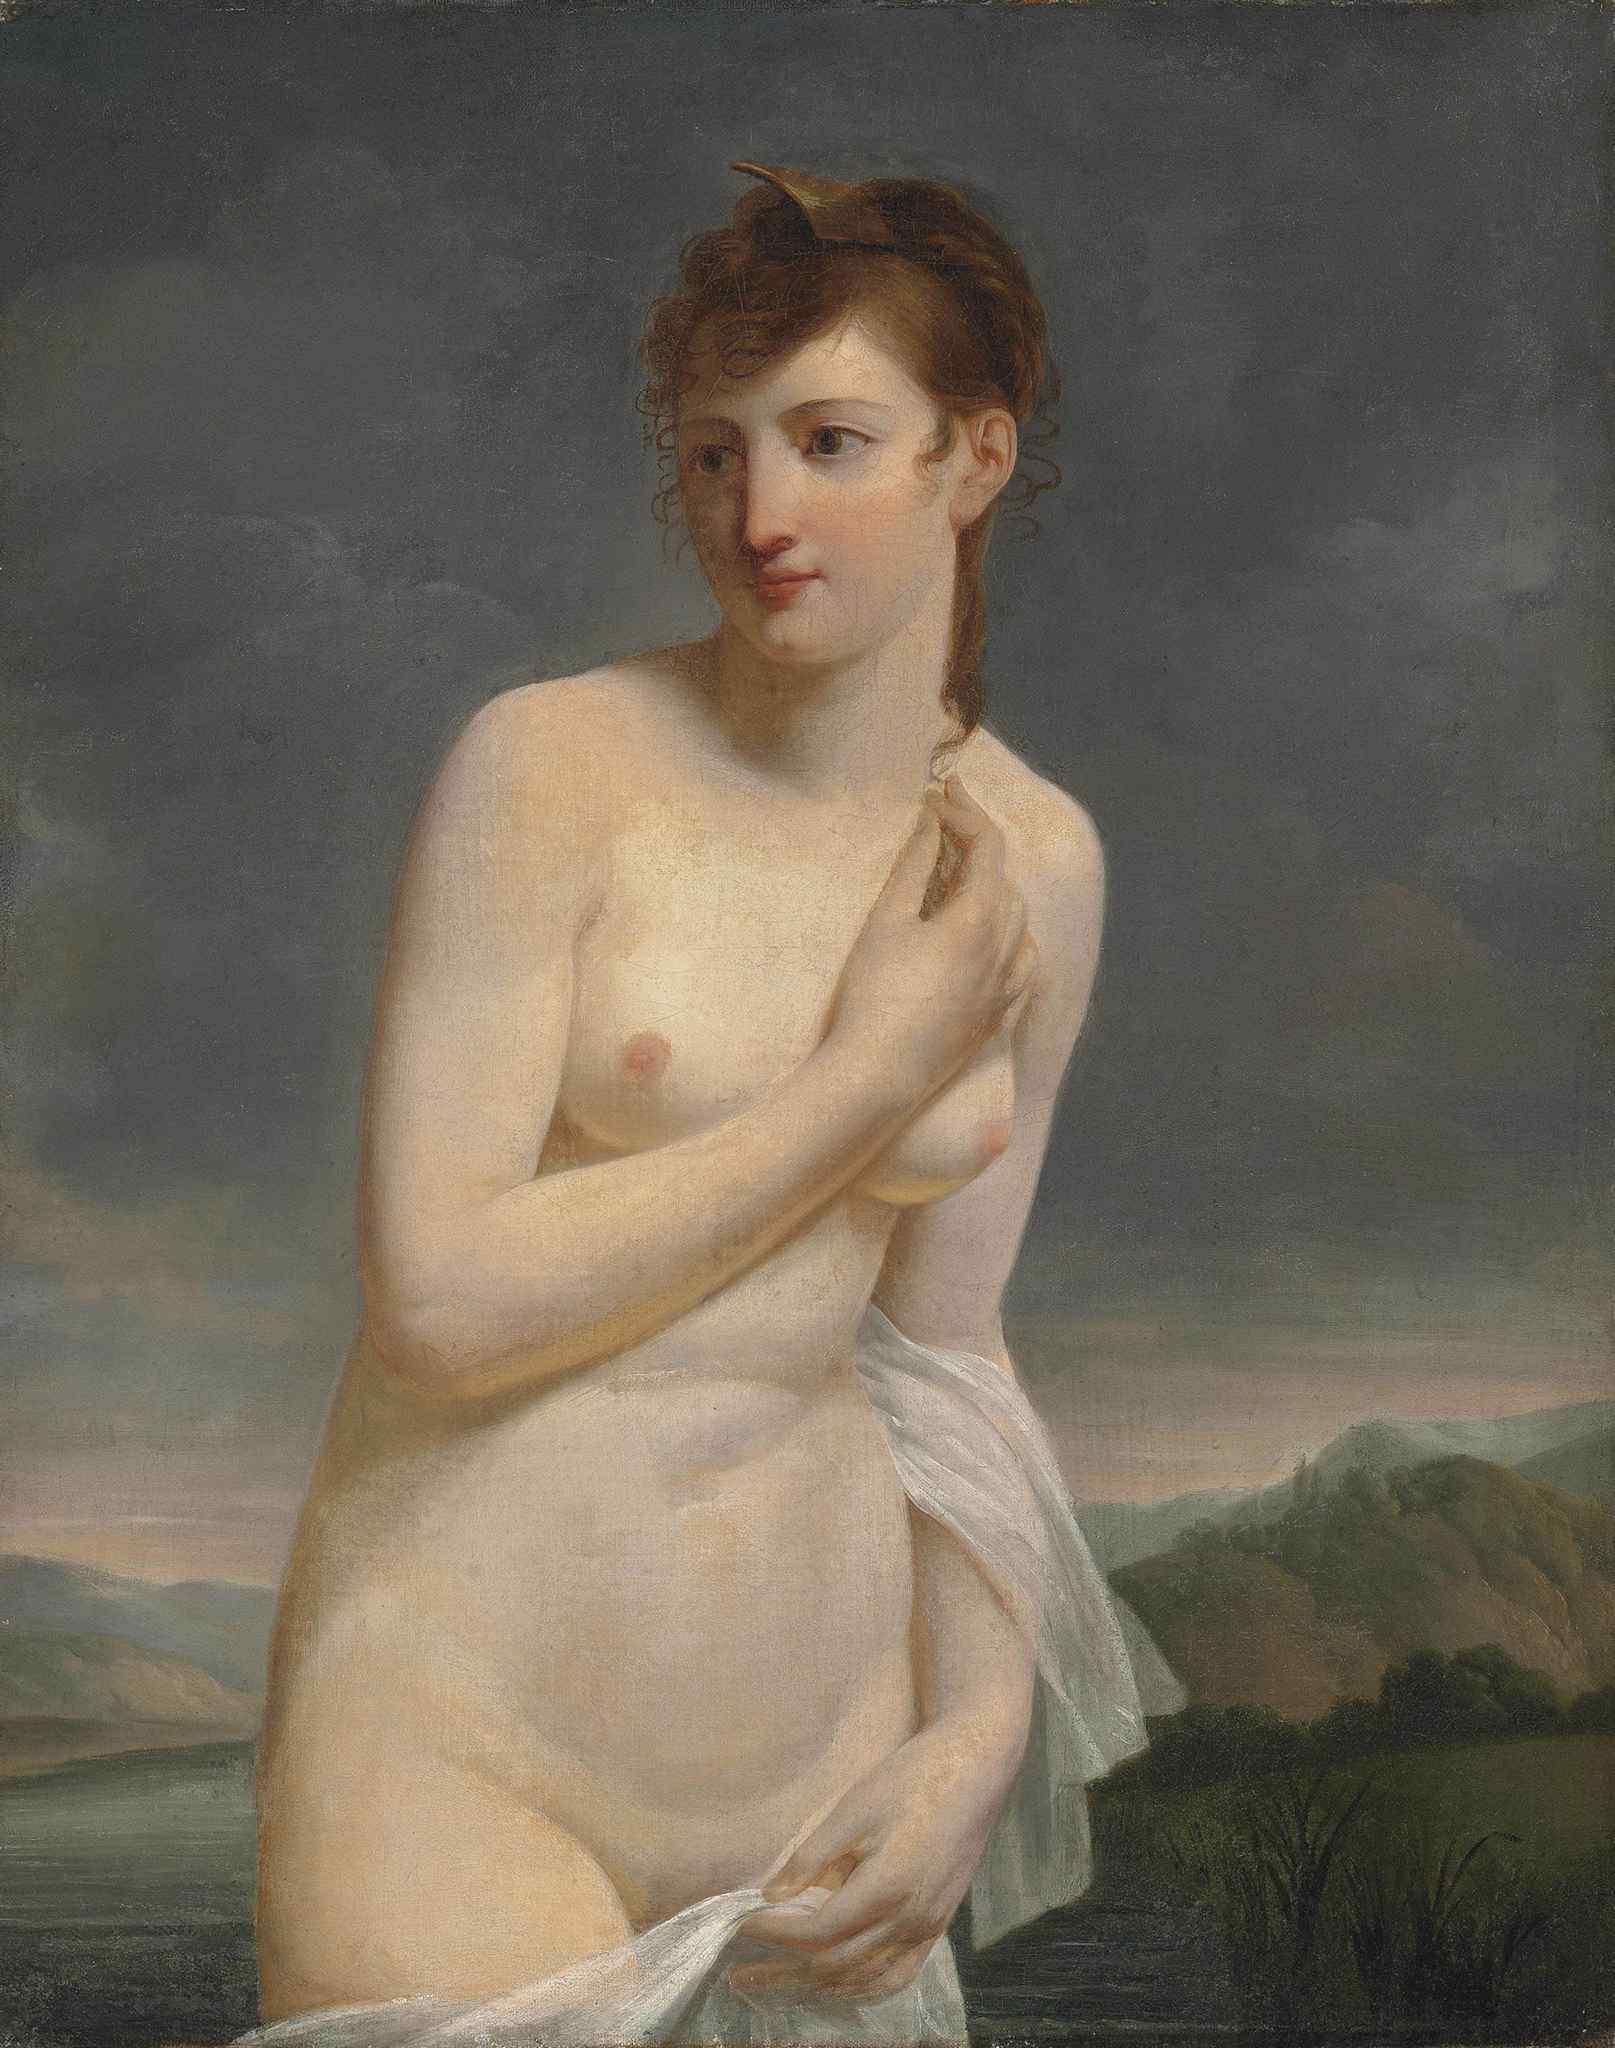 Jaques Antoine Vallin, ок.1760-после 1831. Купальщица на фоне речного пейзажа. 81.2 x 65.2 см